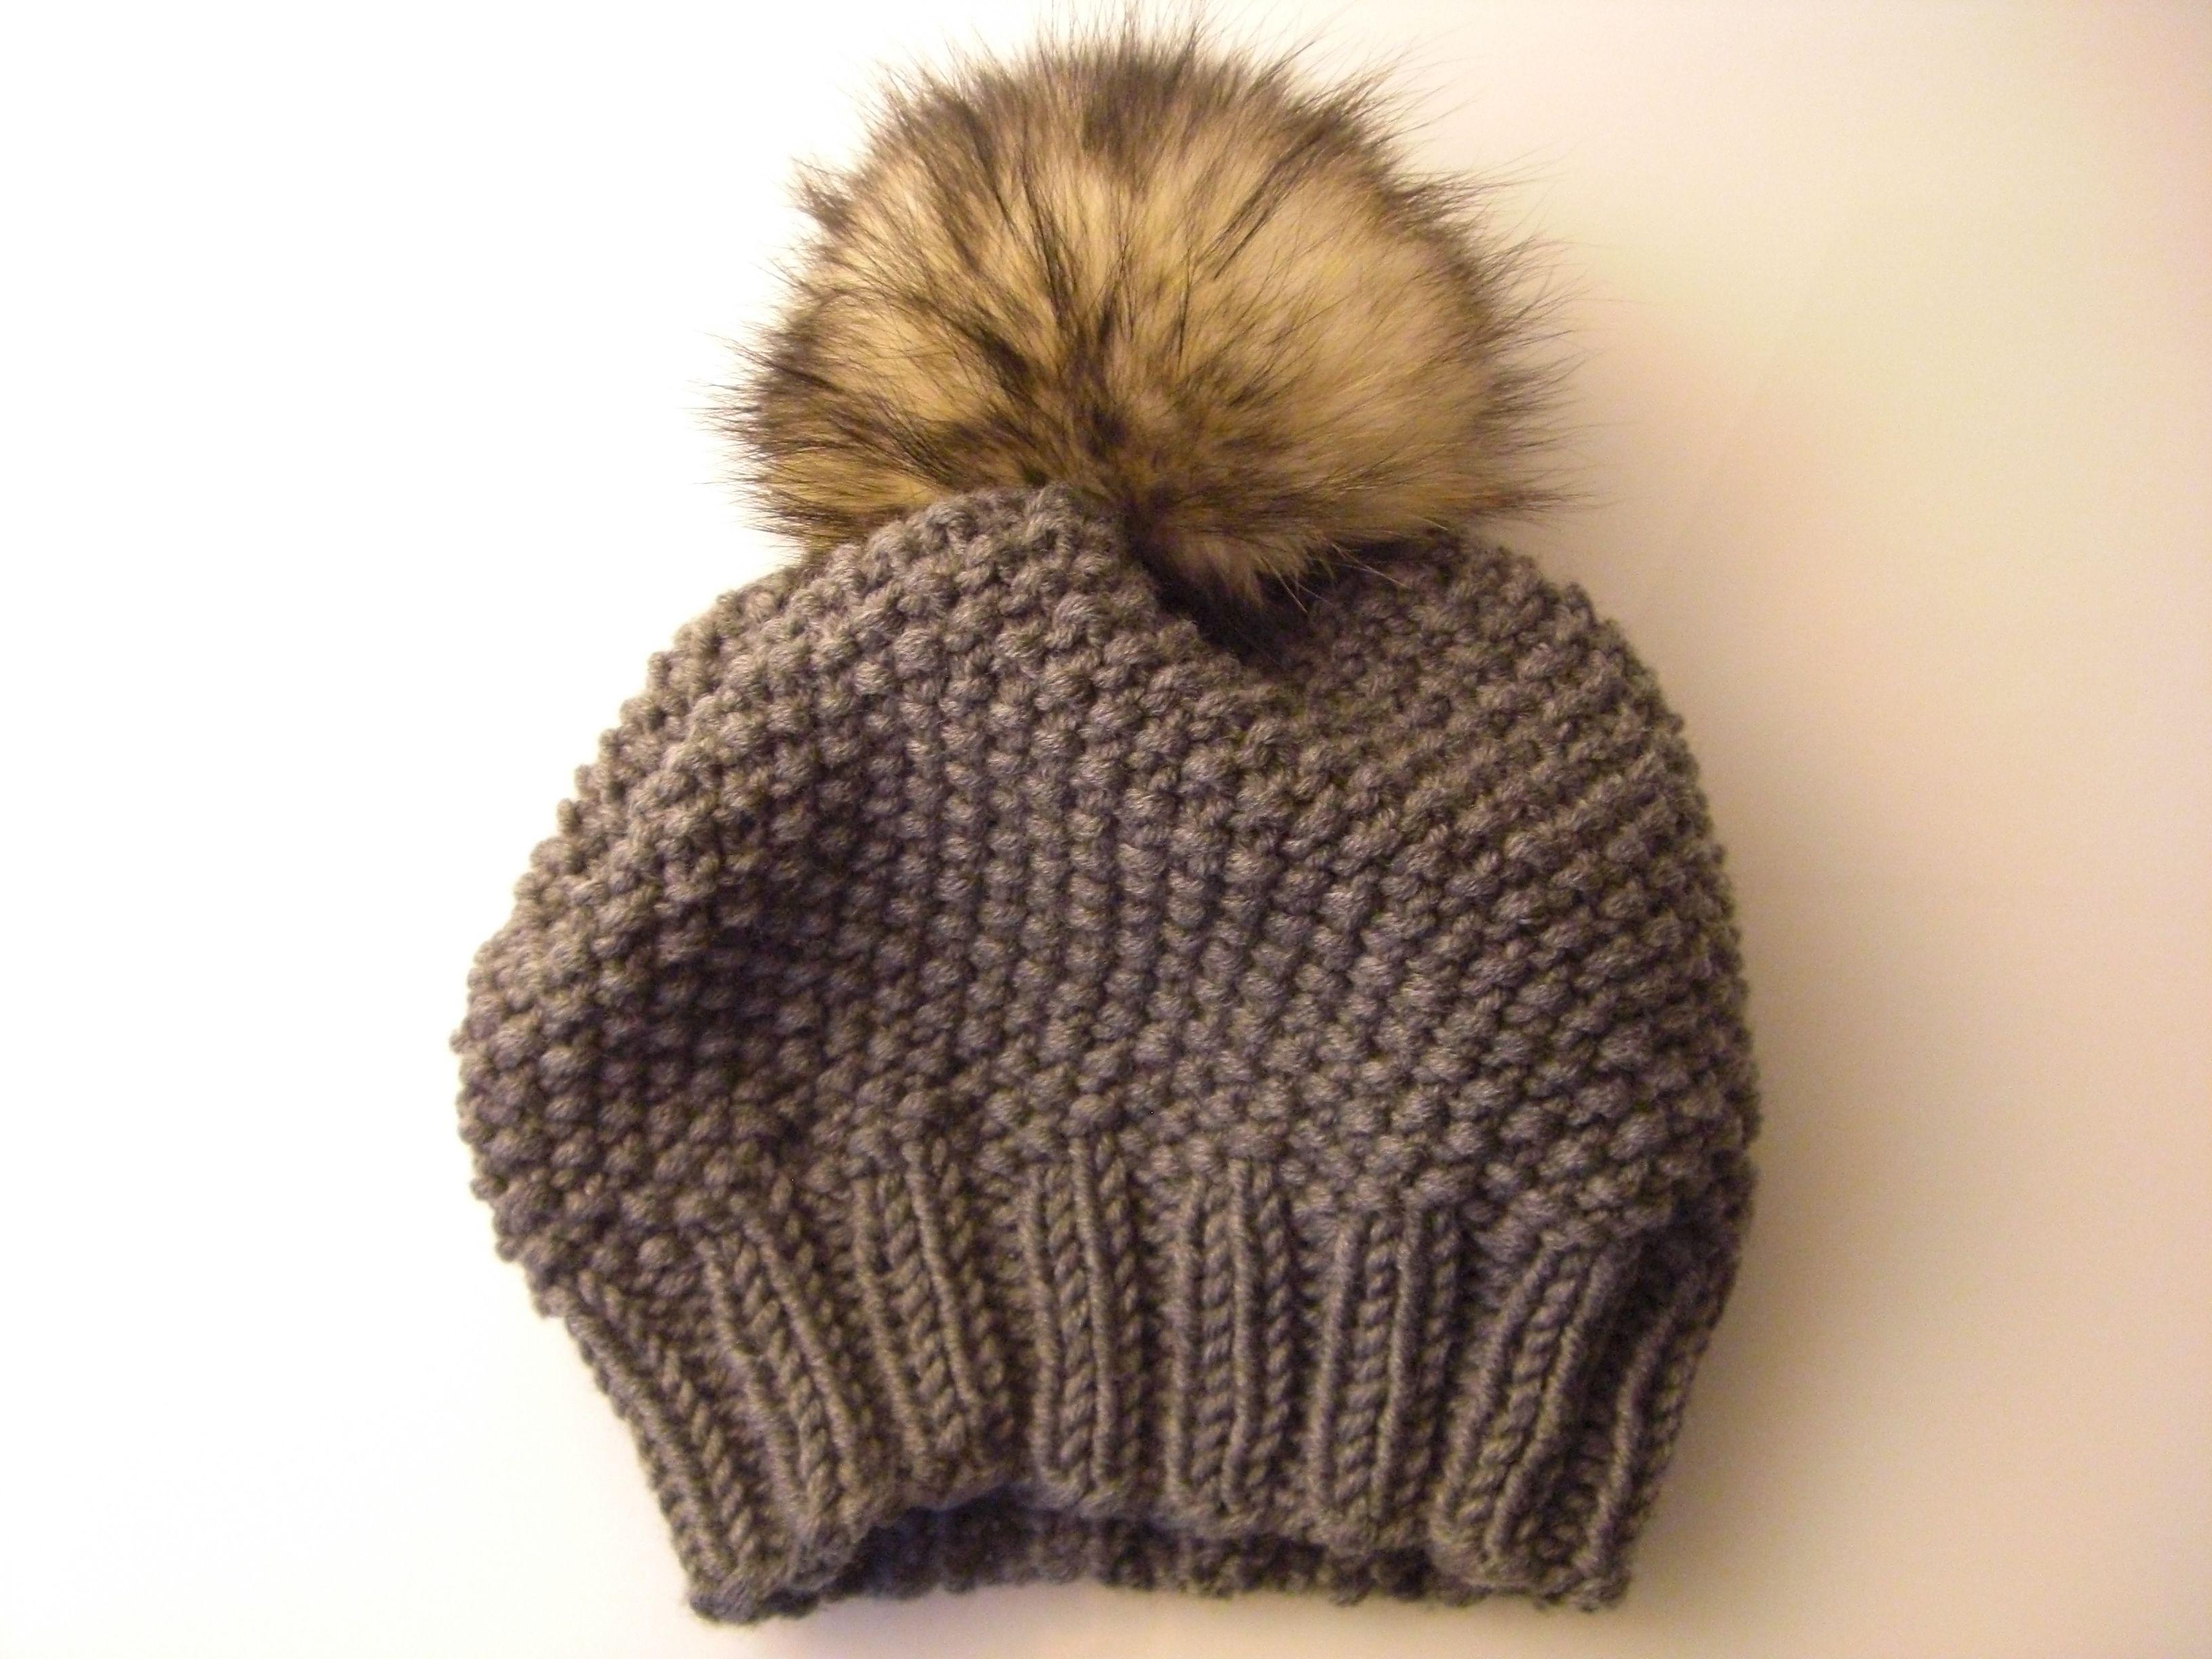 Mütze stricken - Perlmuster, Mütze mit Fellpompon | Stricken 1 ...